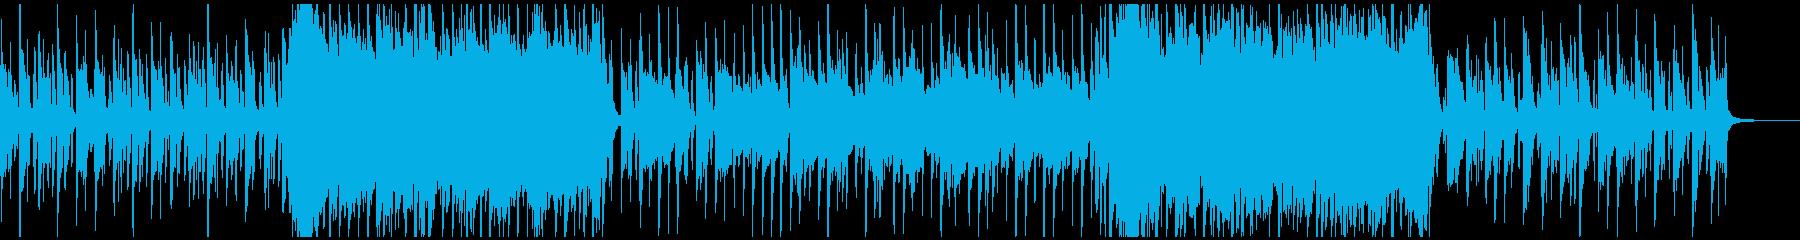 ミディアムテンポ、壮大な曲の再生済みの波形